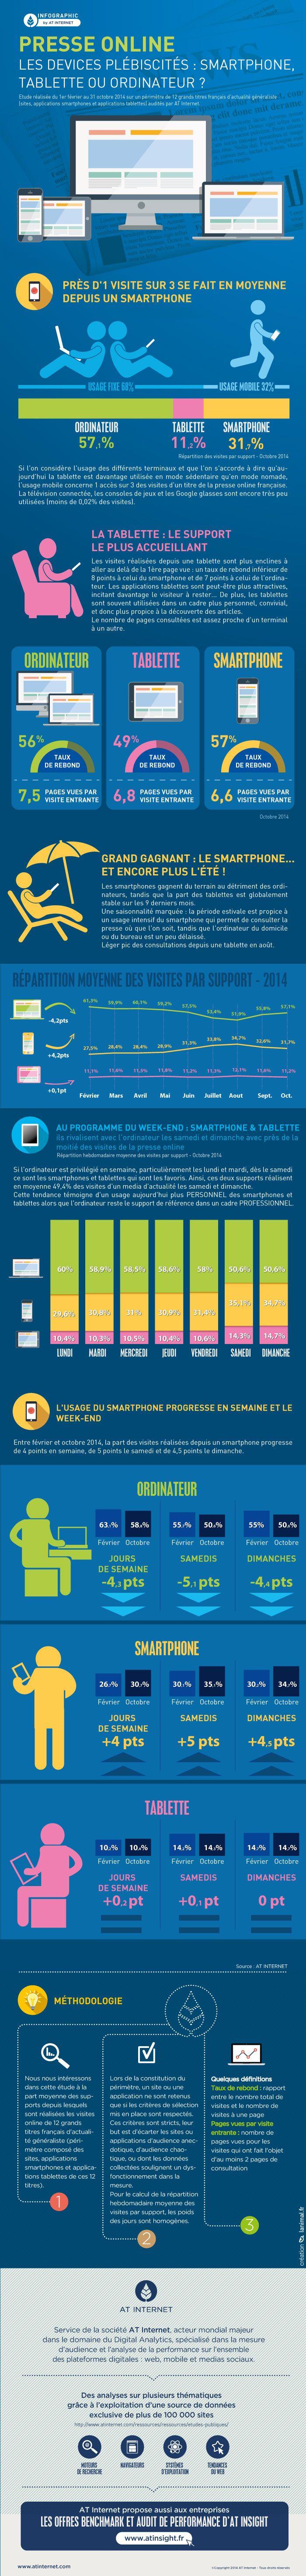 Presse online : quels sont les devices plébiscités ?